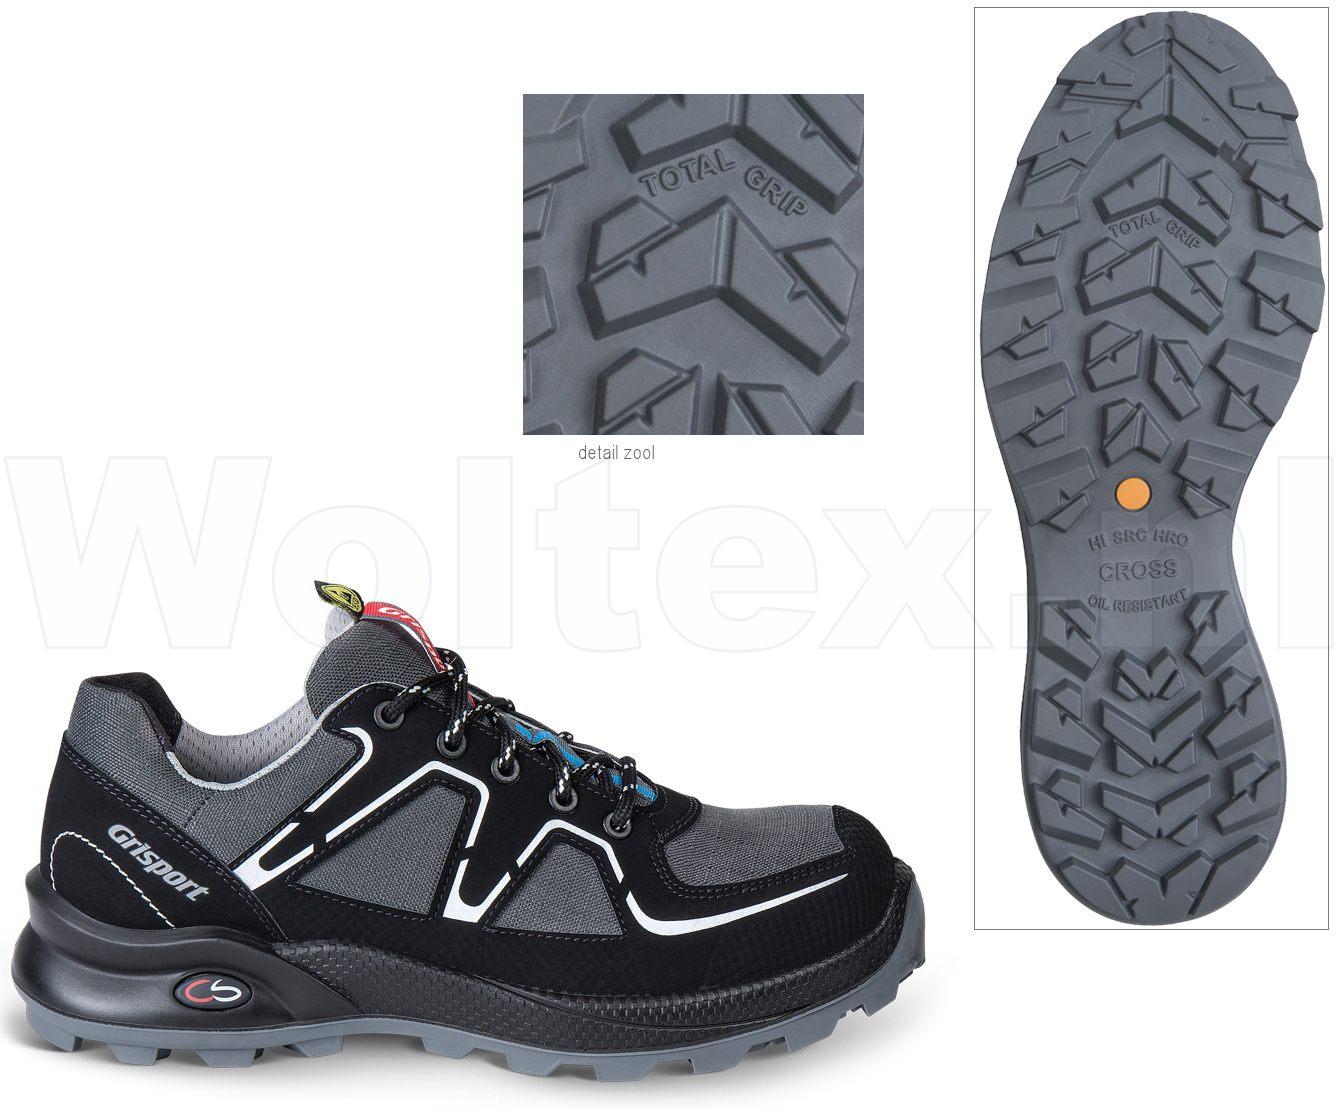 Werkschoenen Sneakers Dames.Goedkope Werkschoenen Dames Elten Sensation Mid Esd S2 Werkschoen